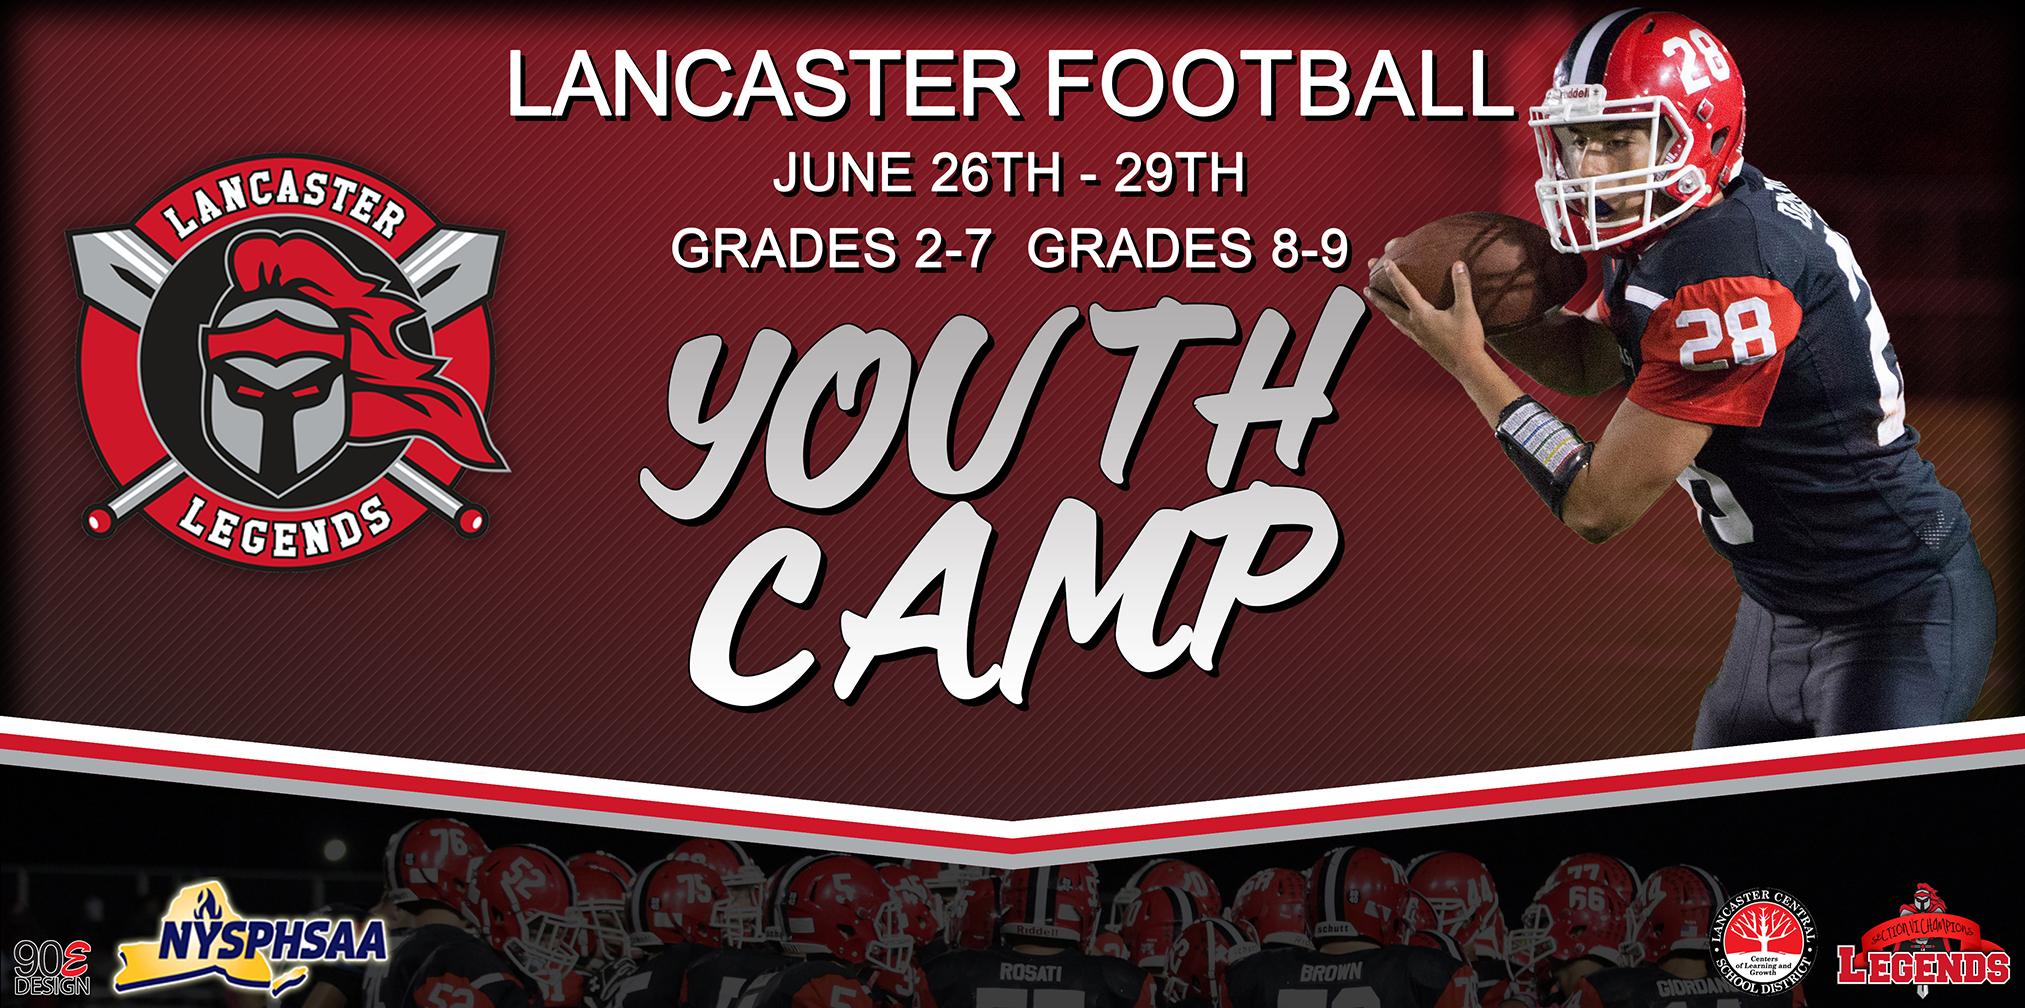 Lancaster Legends Football Lancaster High School (NY)